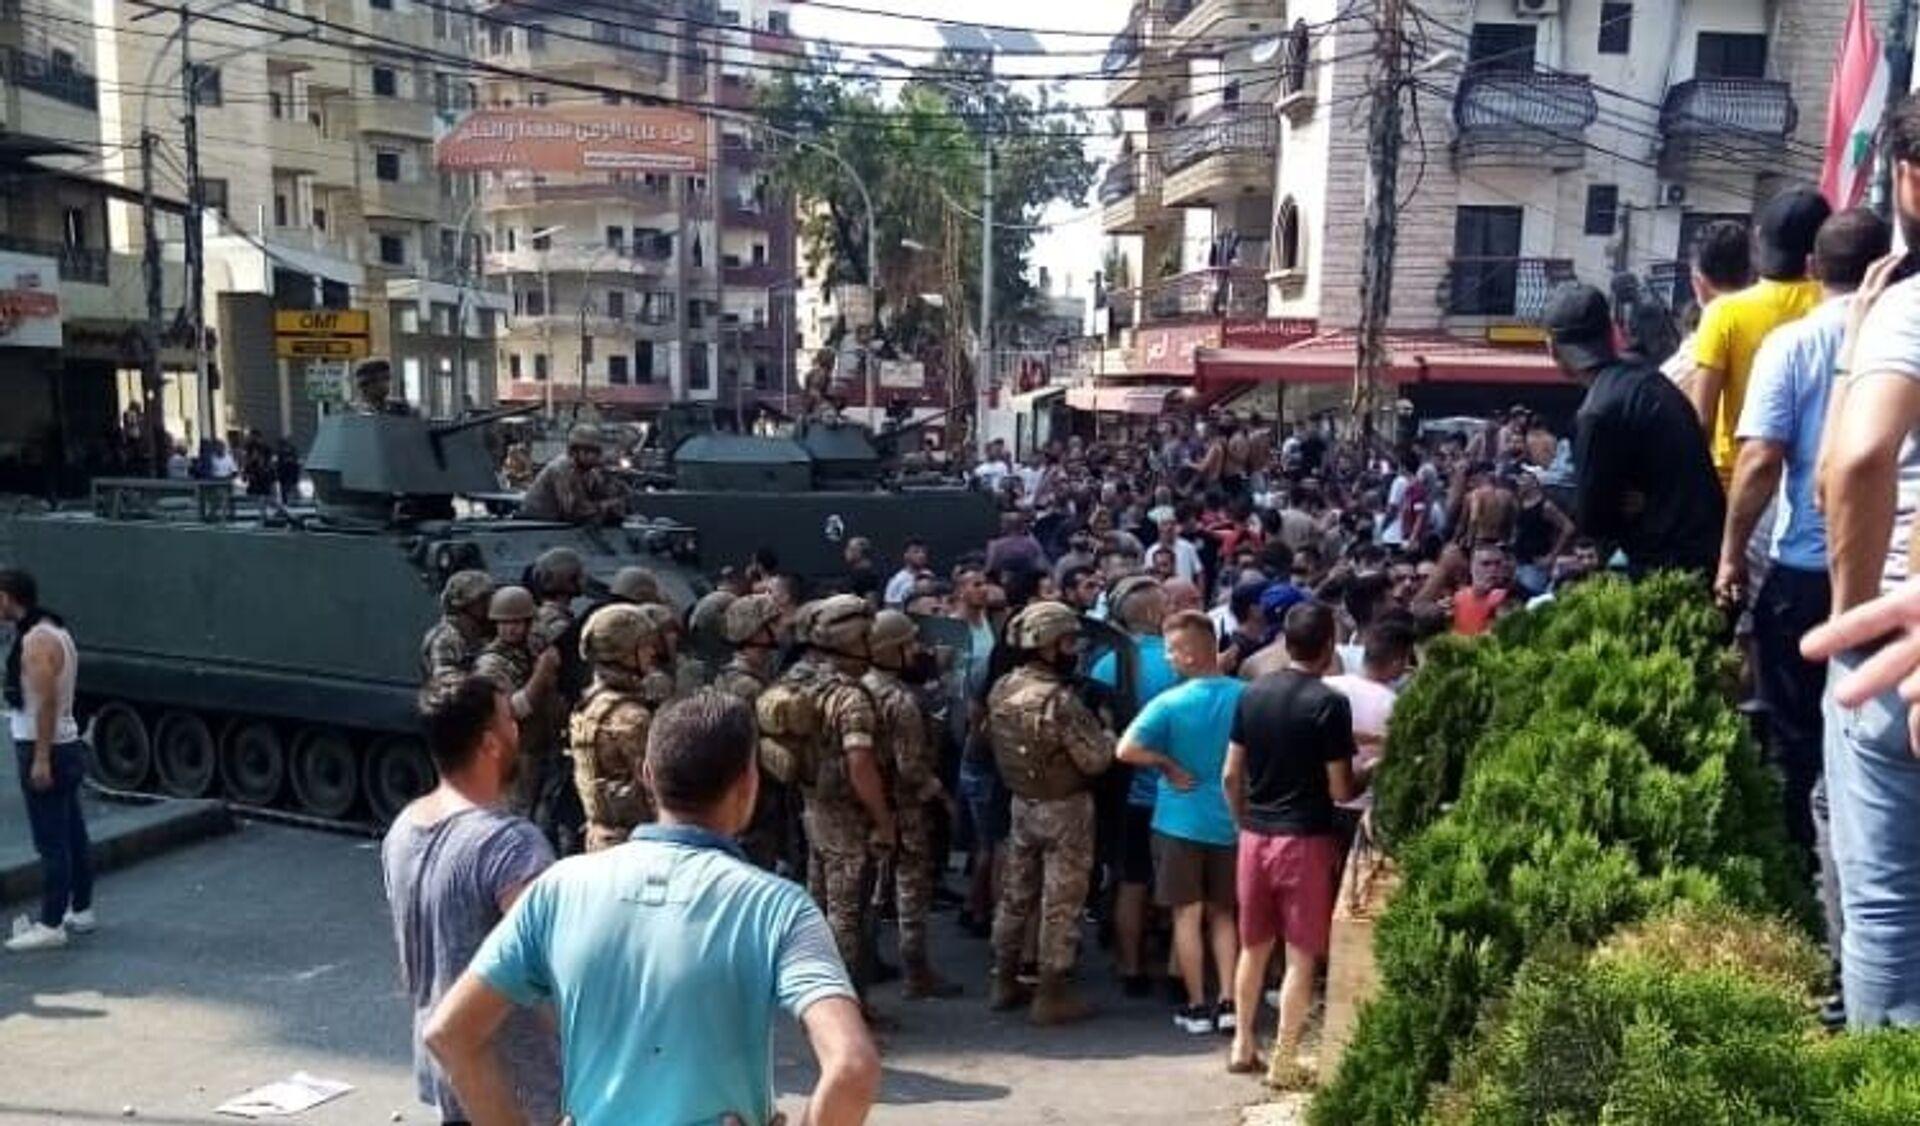 Lübnan'da Saad Hariri'nin hükümeti kurmayacağını açıklamasının ardından başlayan gösteriler devam ederken, Trablusşam kentinde çıkan çatışmada 25 kişi yaralandı. - Sputnik Türkiye, 1920, 16.07.2021